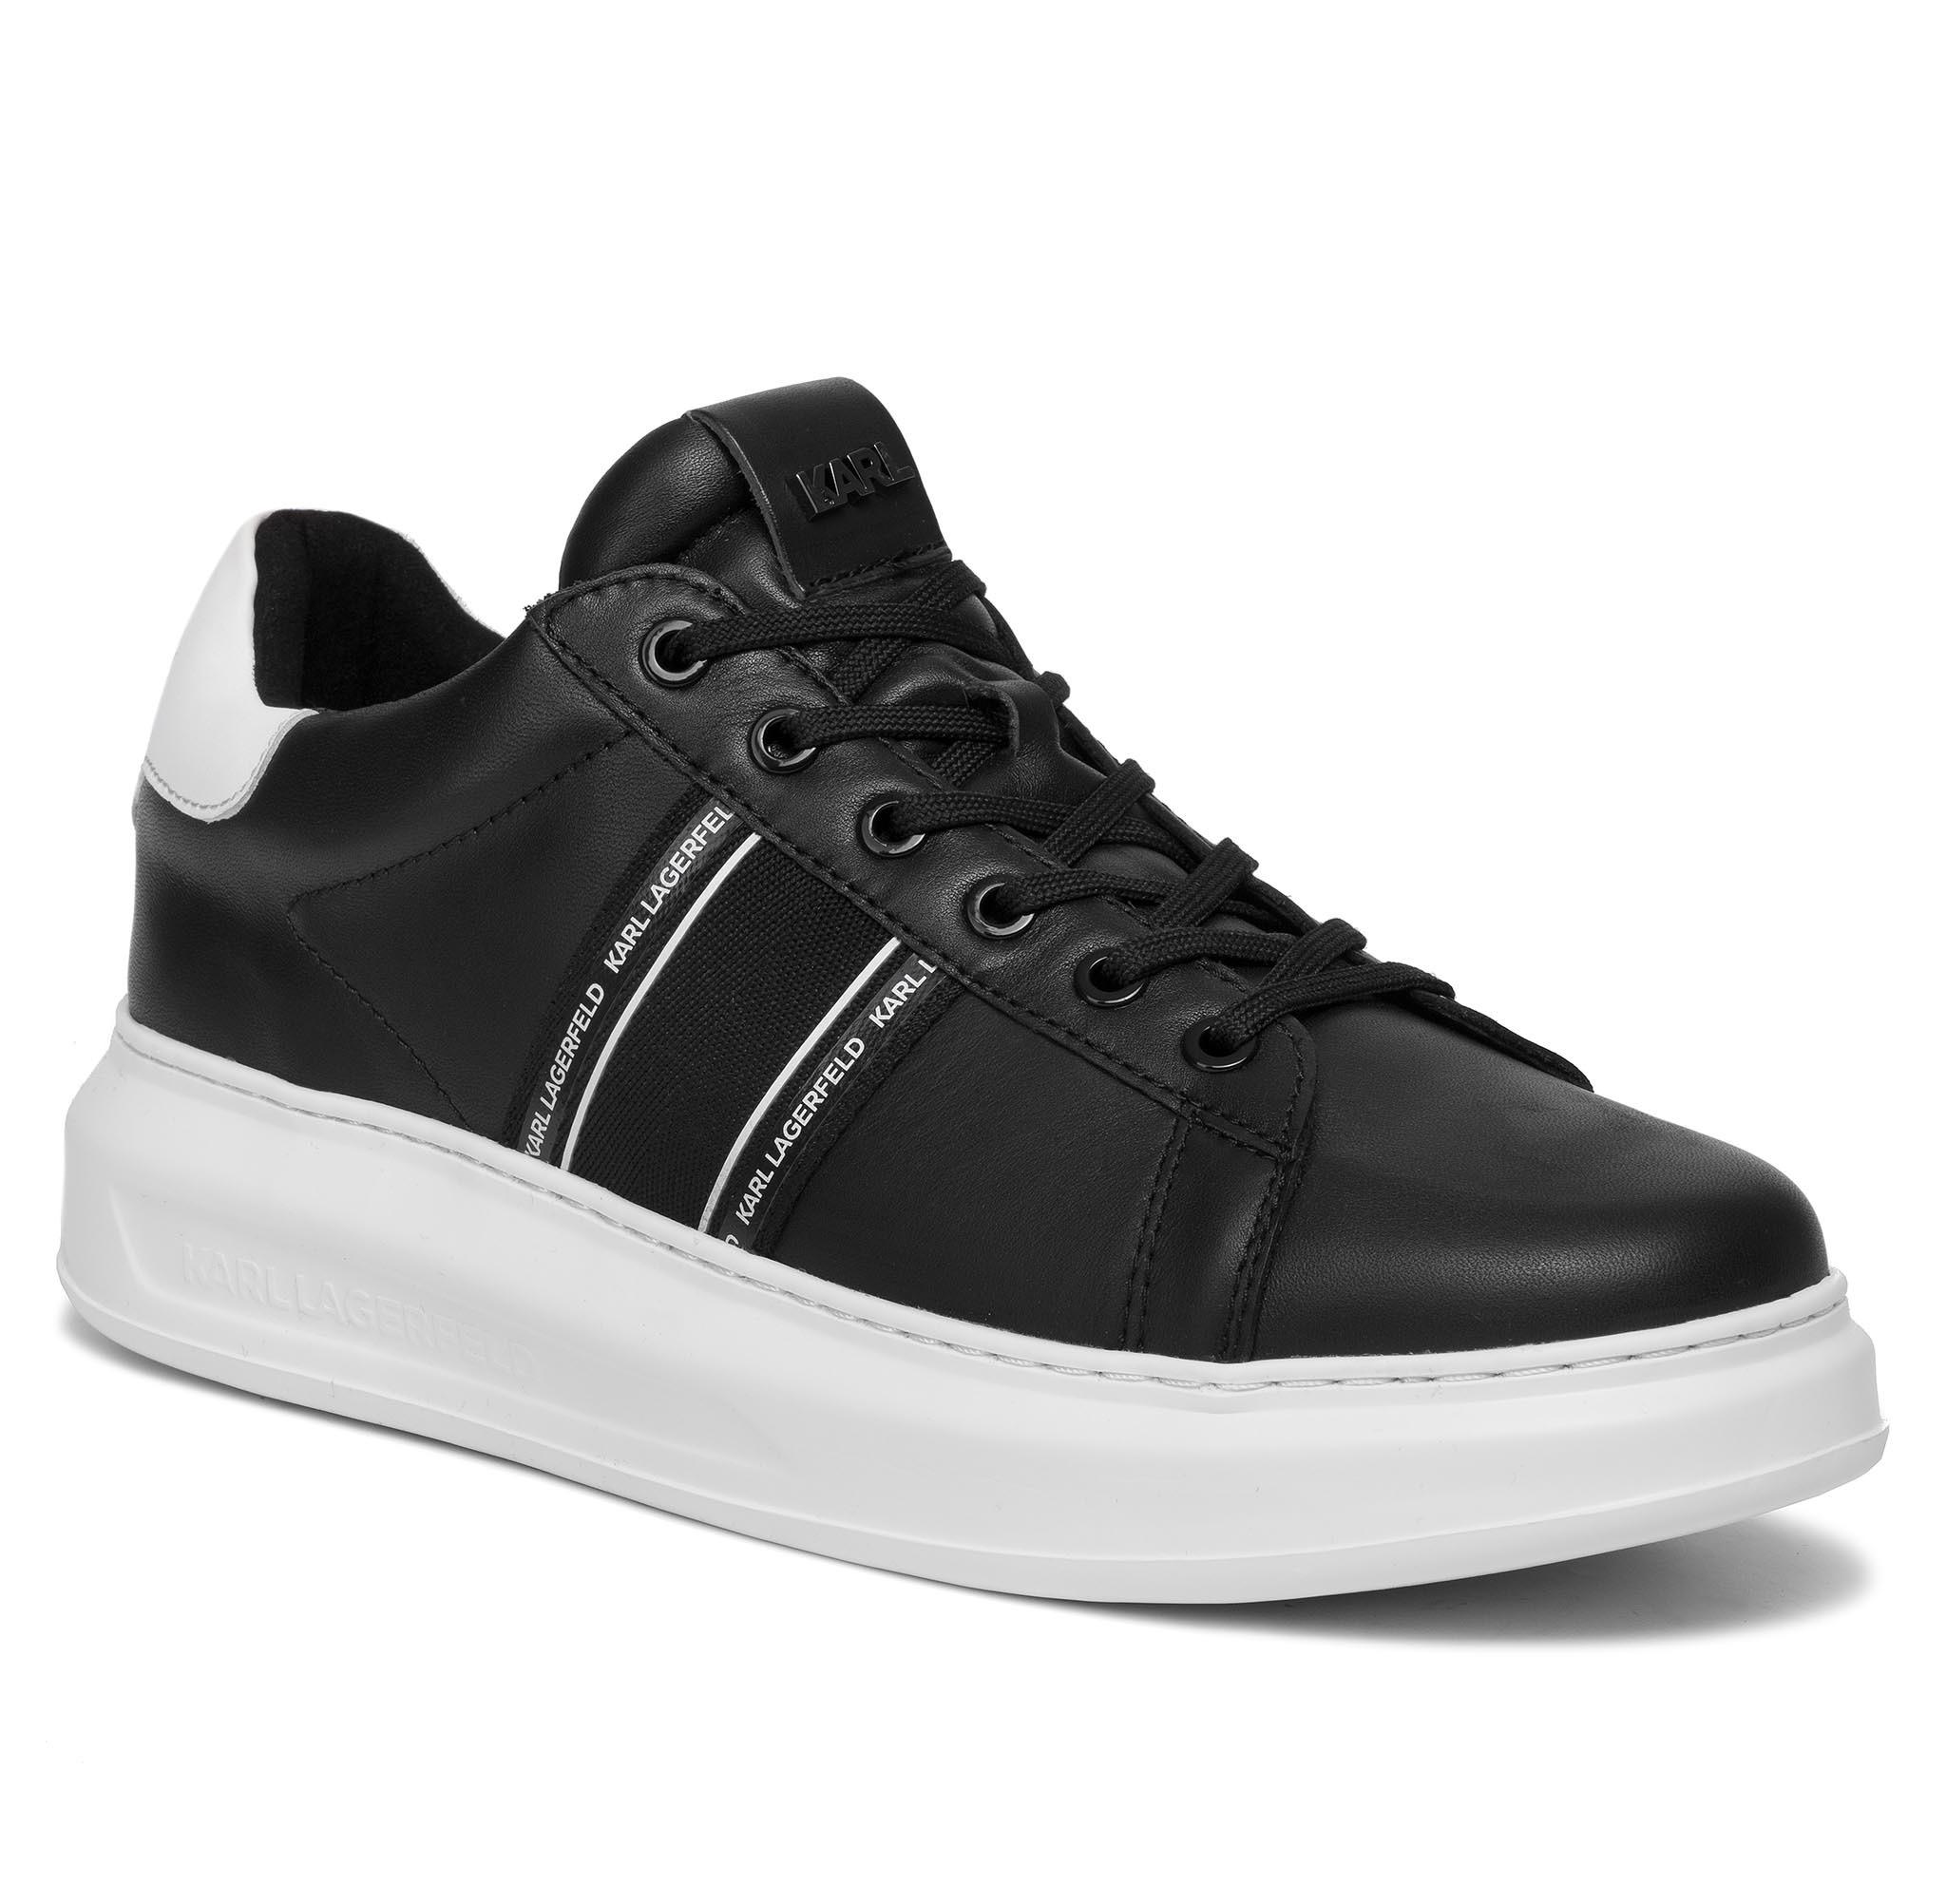 Sneakers KARL LAGERFELD - KL52525 Black Lthr